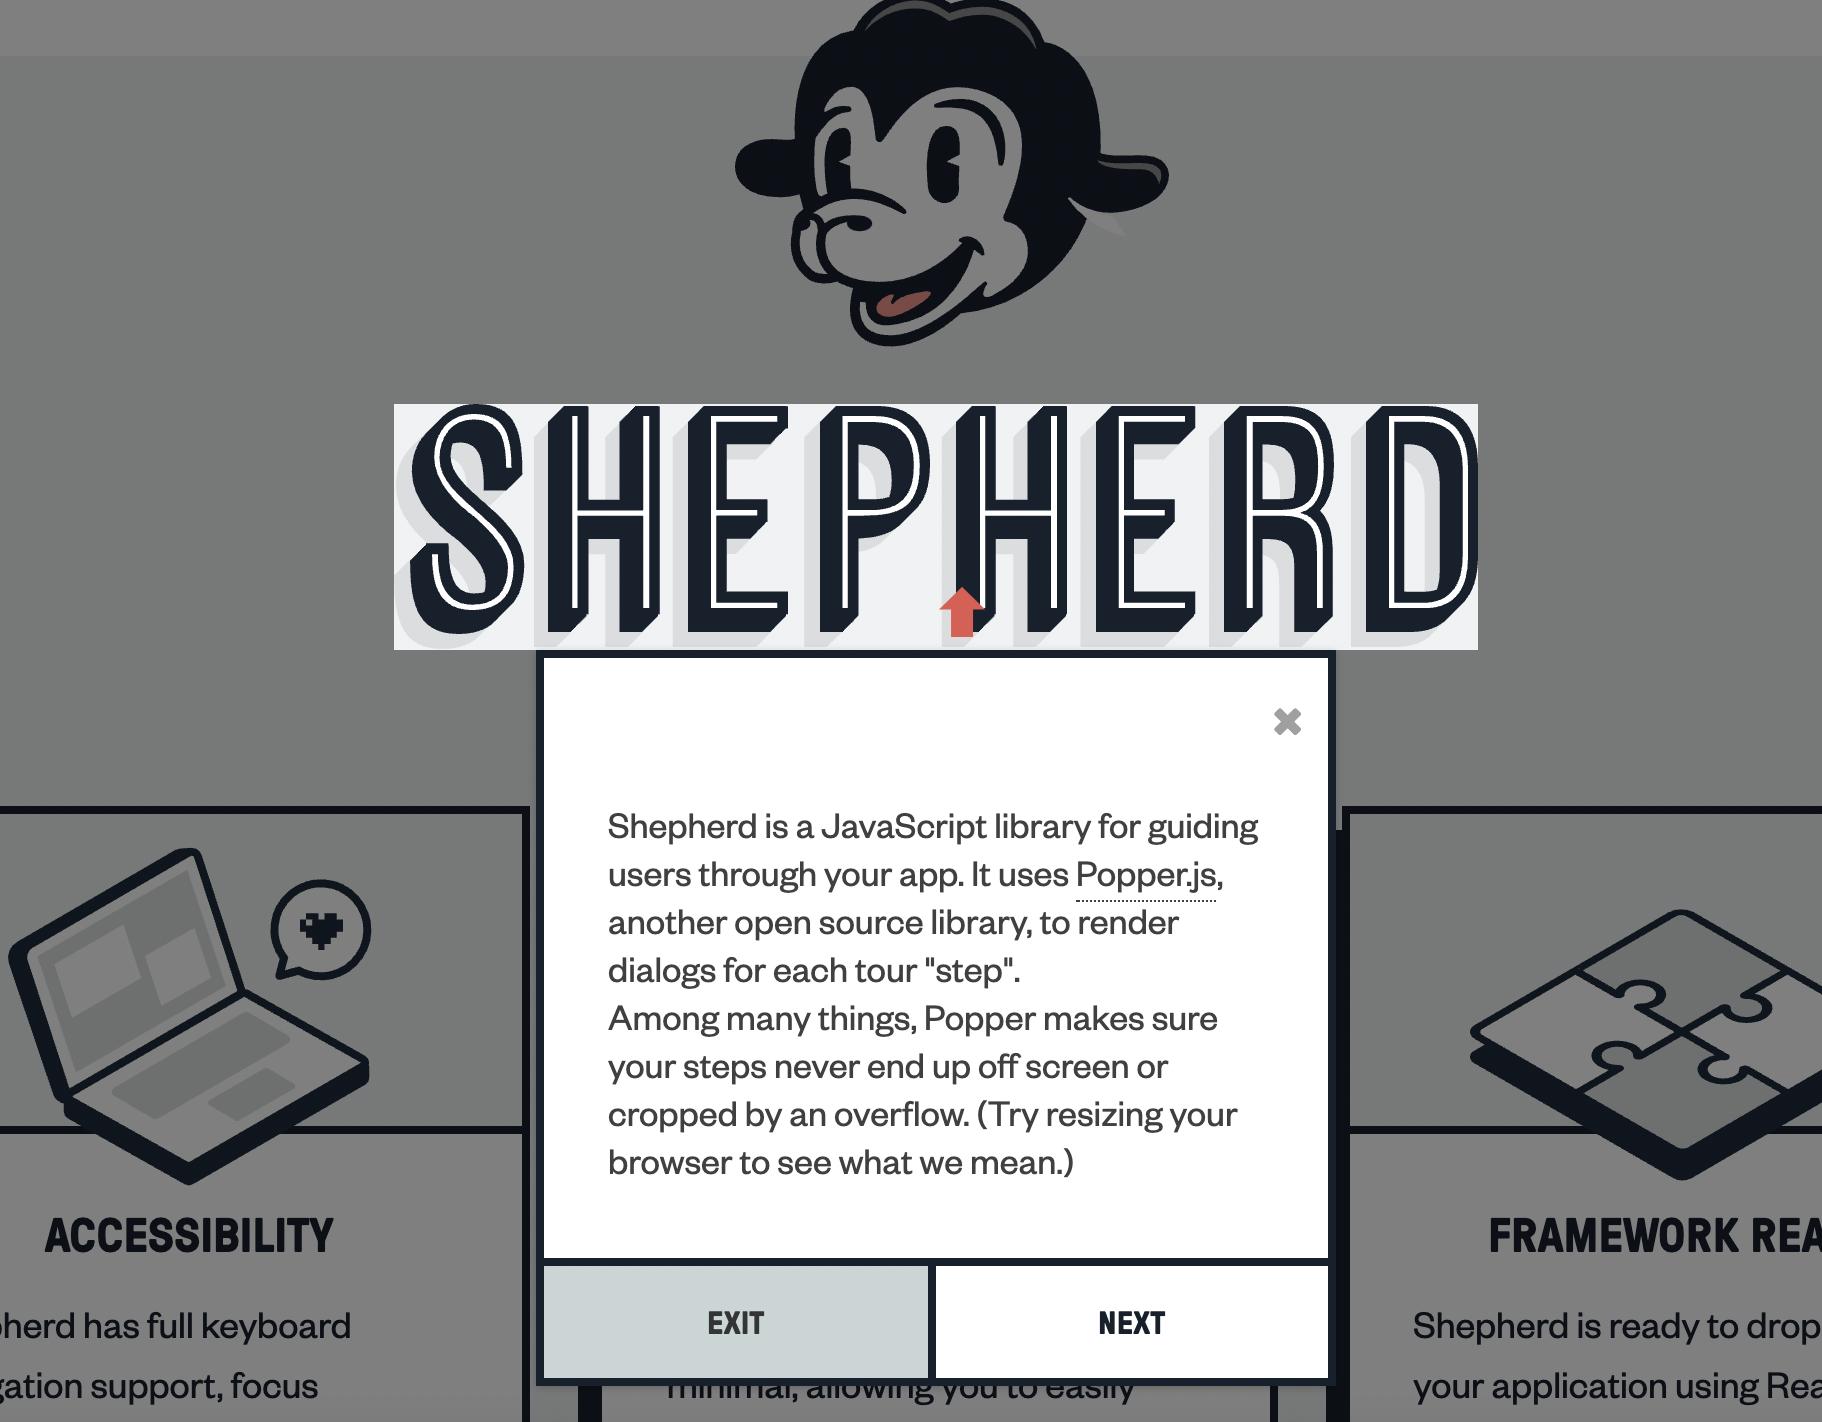 React Shepherd screenshot